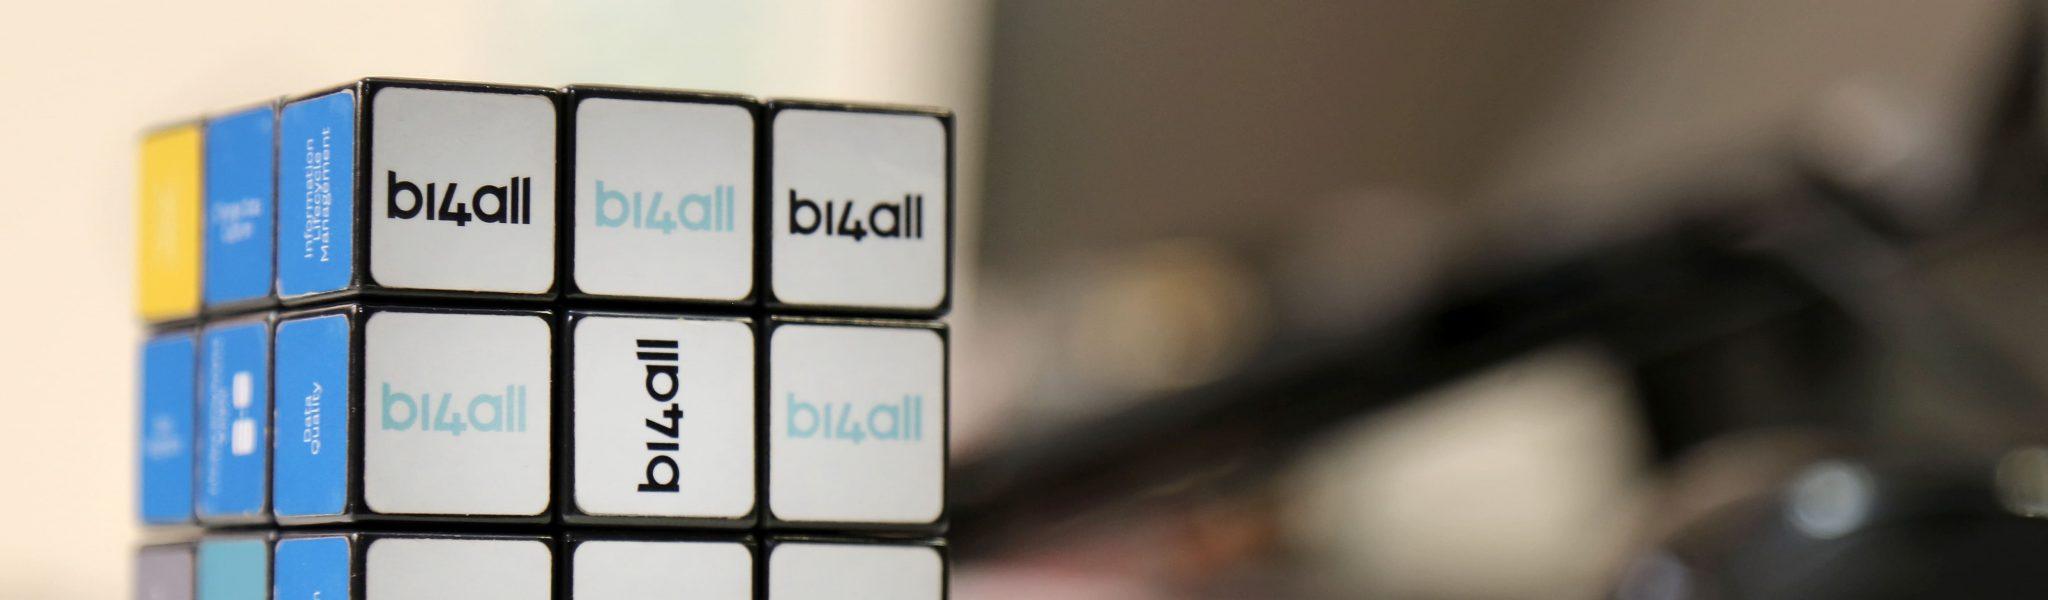 Com crescimento record em 2018, Bi4all prepara 70 contratações para 2019